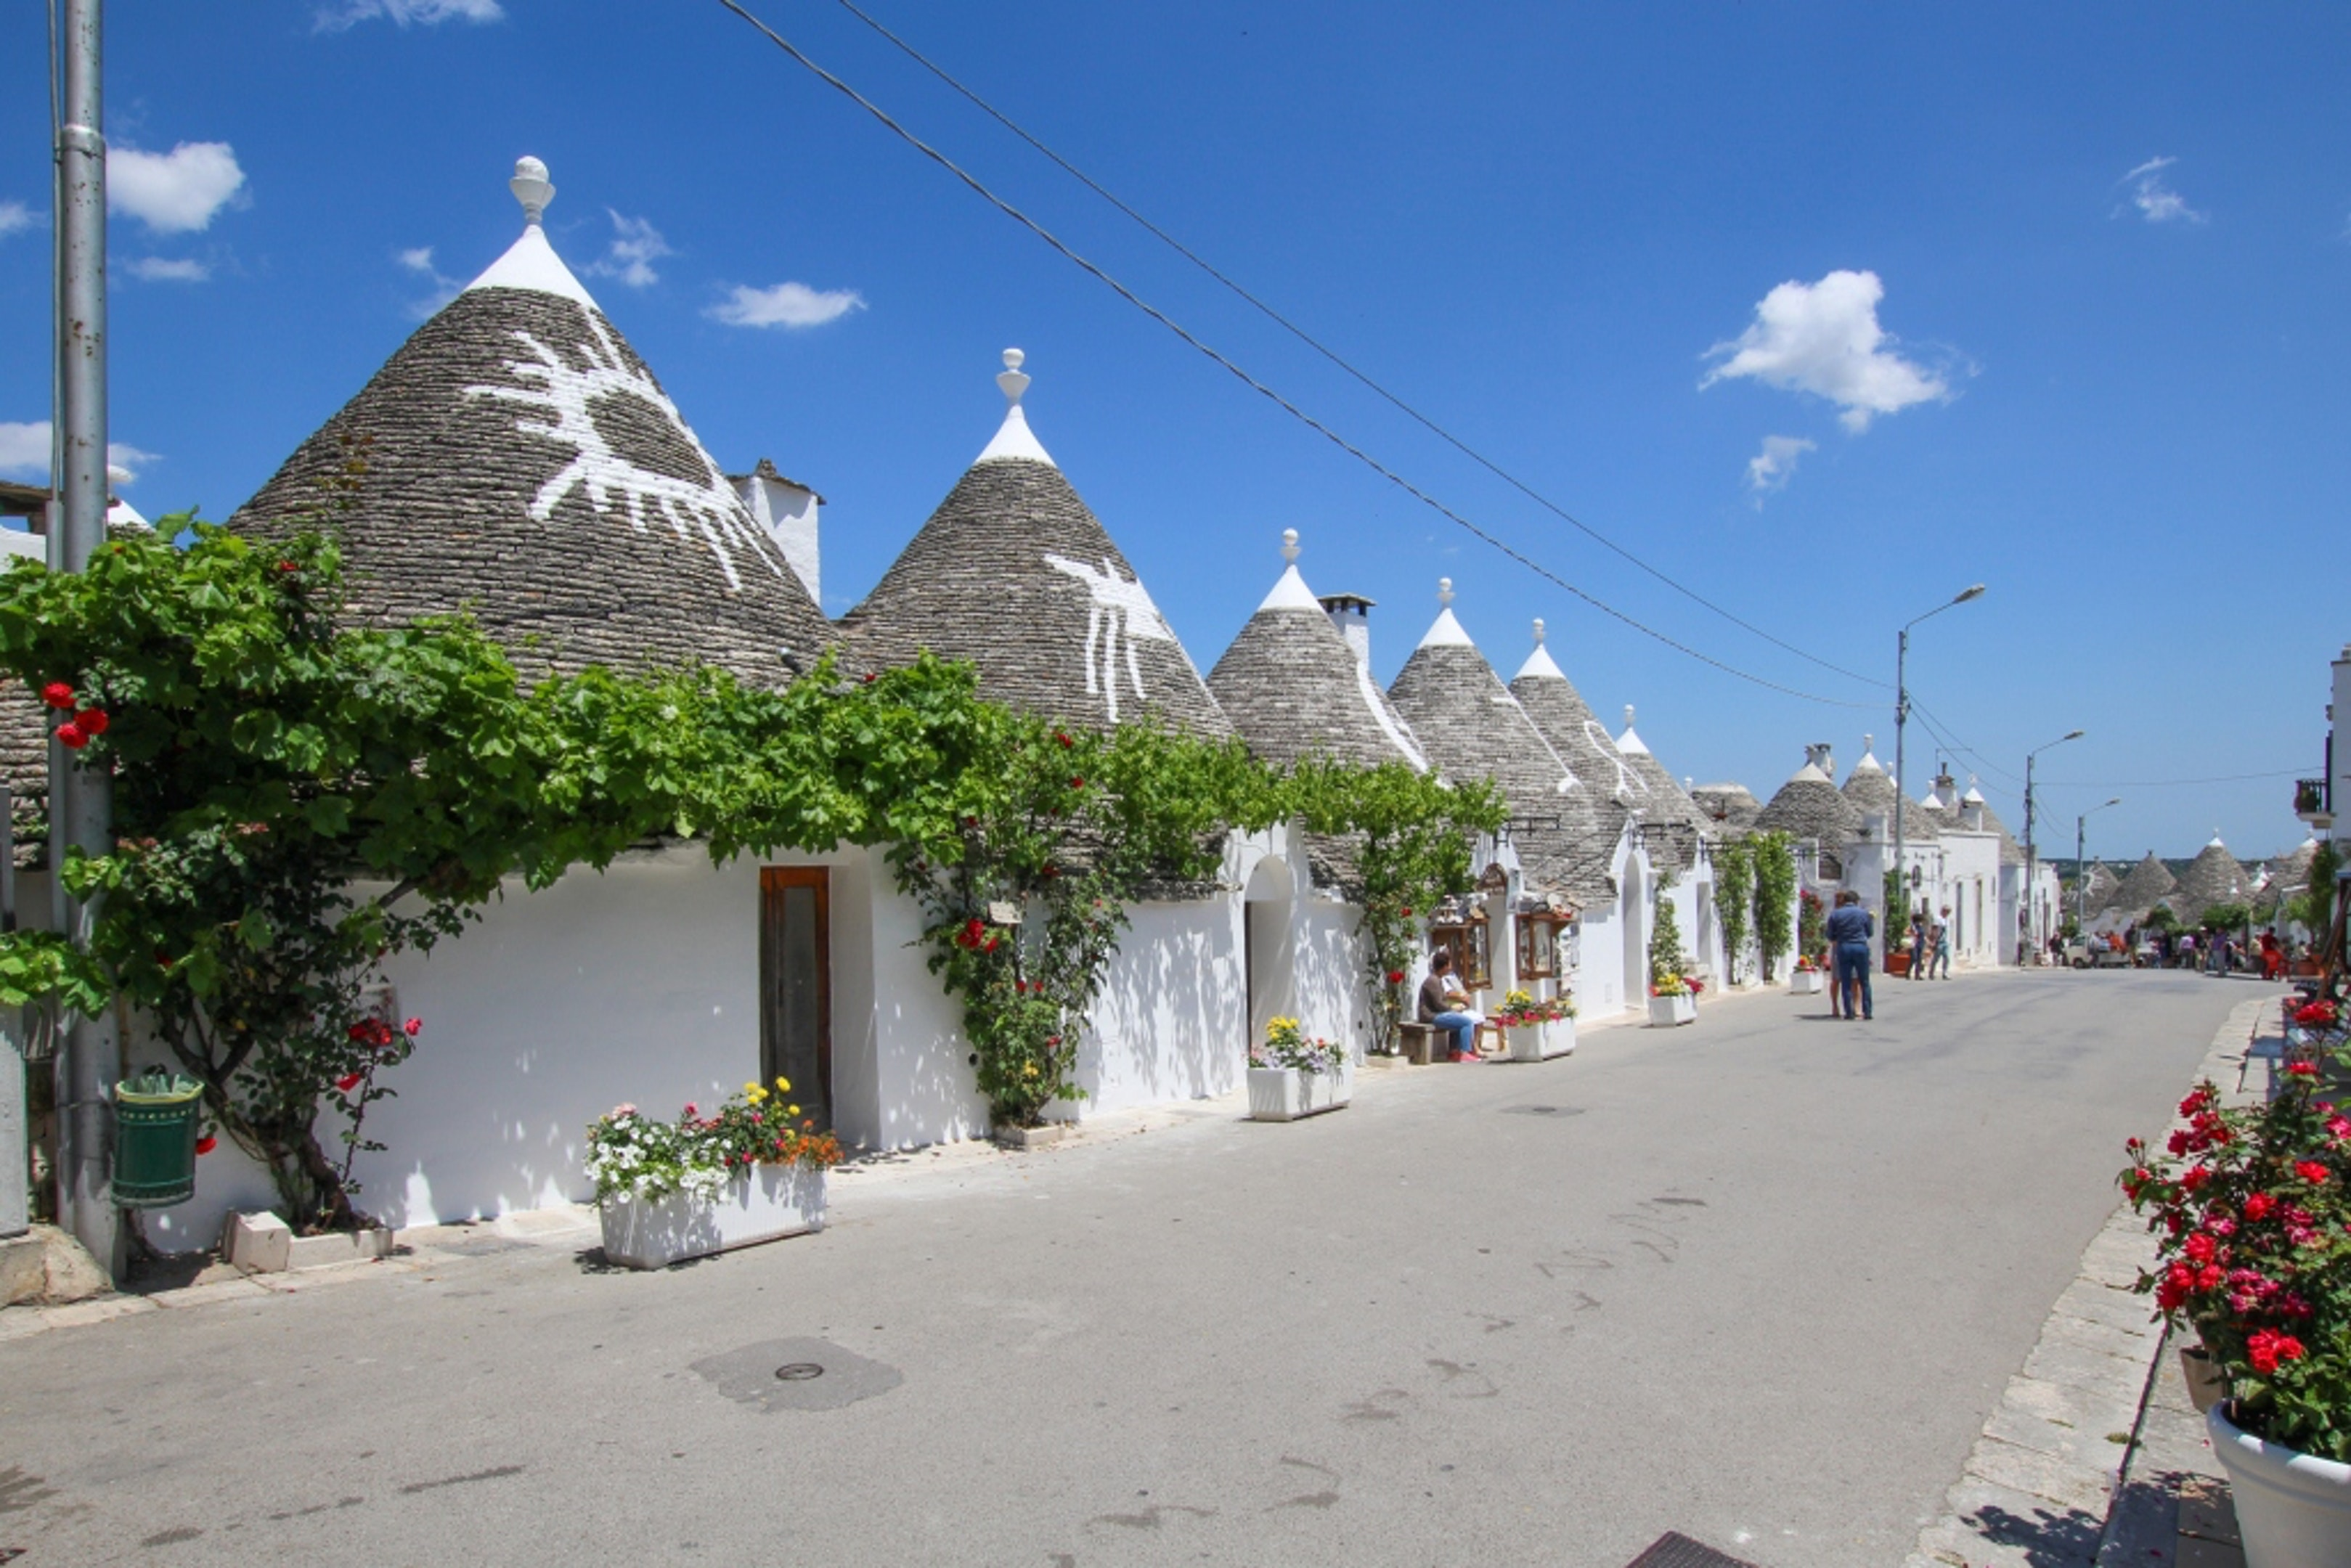 Ferienwohnung Wohnung mit 2 Schlafzimmern in Alberobello mit schöner Aussicht auf die Stadt und W-LAN -  (2201240), Alberobello, Bari, Apulien, Italien, Bild 27